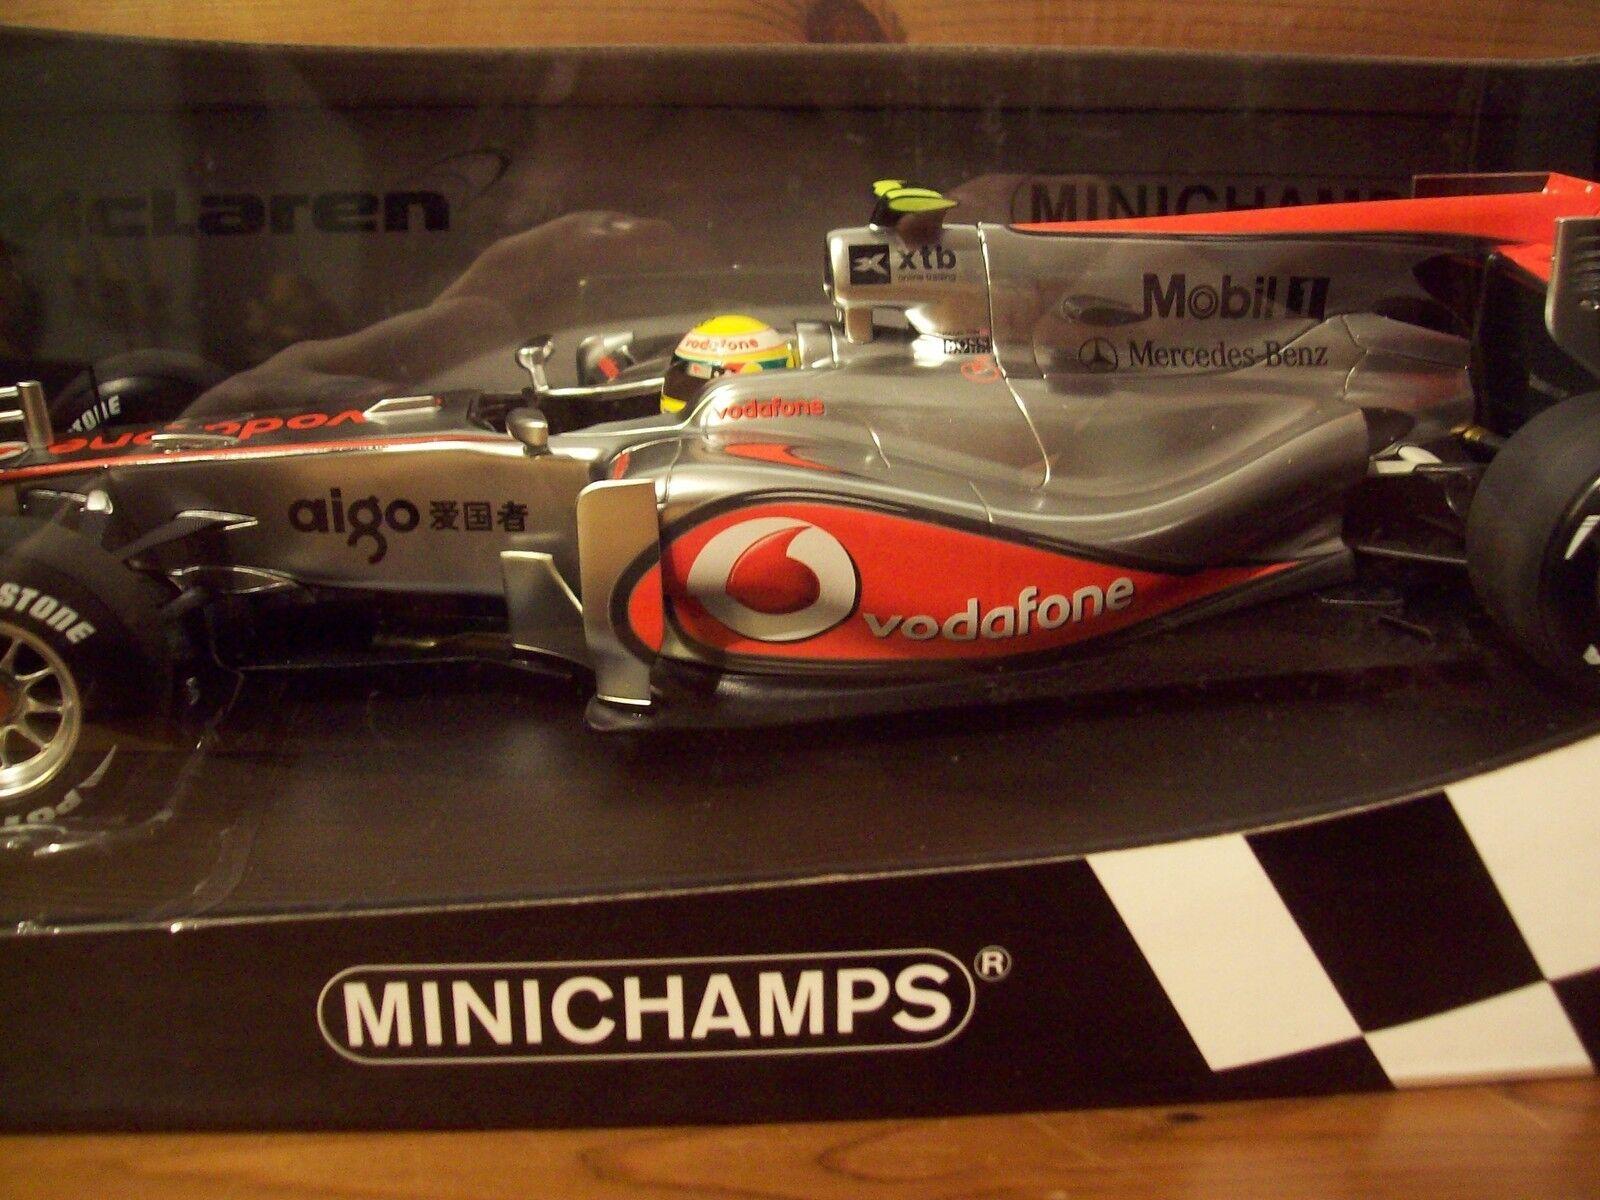 1 18 McLaren Vodaphone Mercedes MP4 25 2010 Lewis Hamilton